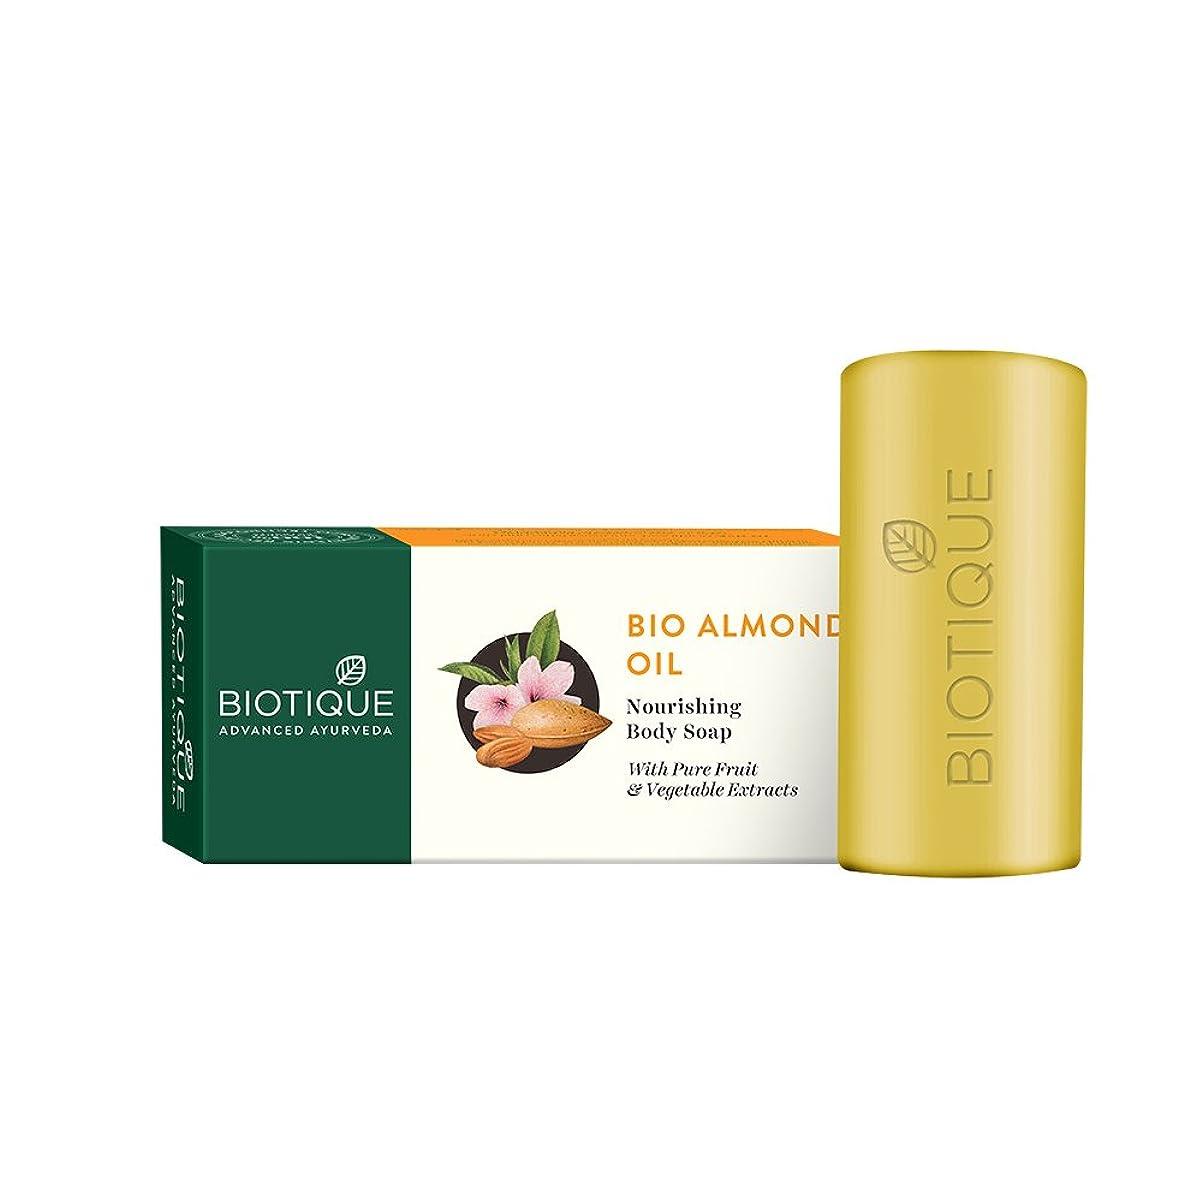 ゴミ照らすルーキーBiotique Pure Vegetable Cleanser - Almond Oil Soap 150g